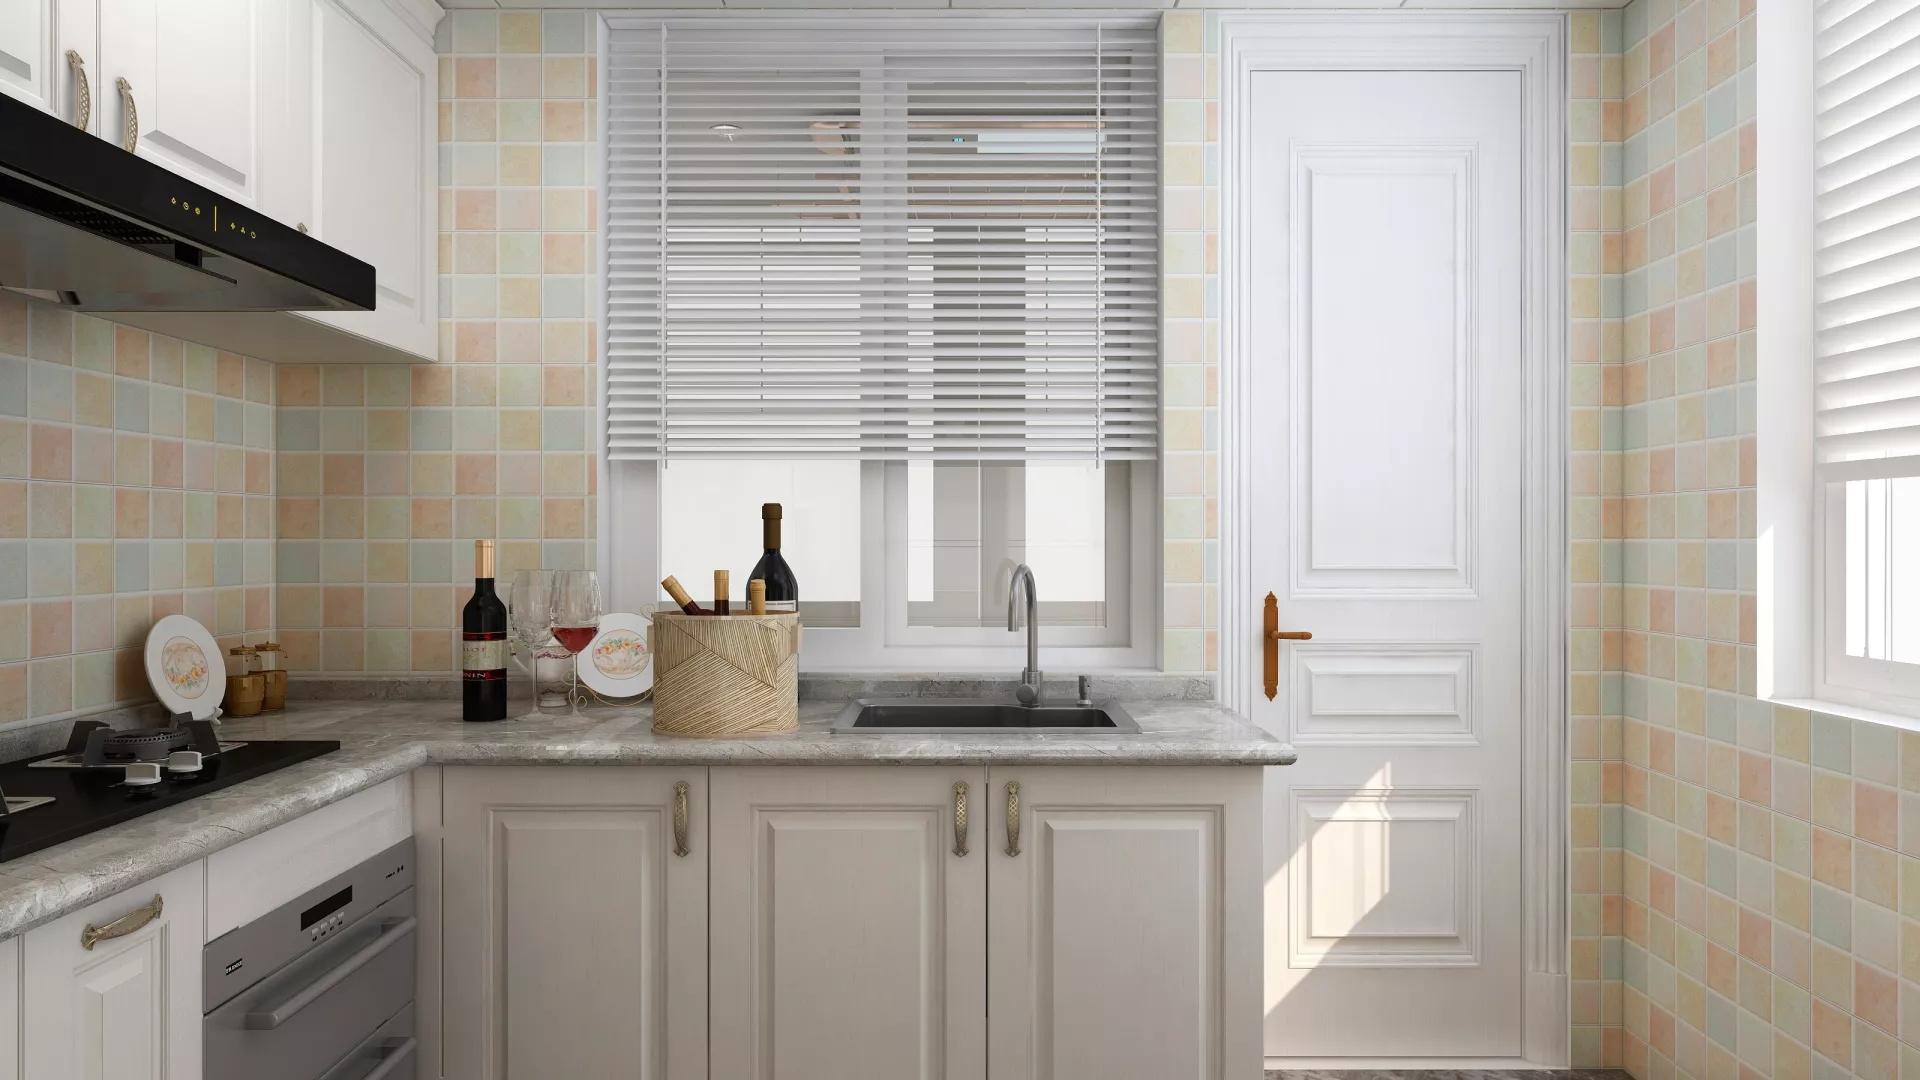 材质与色彩独到设计温馨新中式家装风格效果图